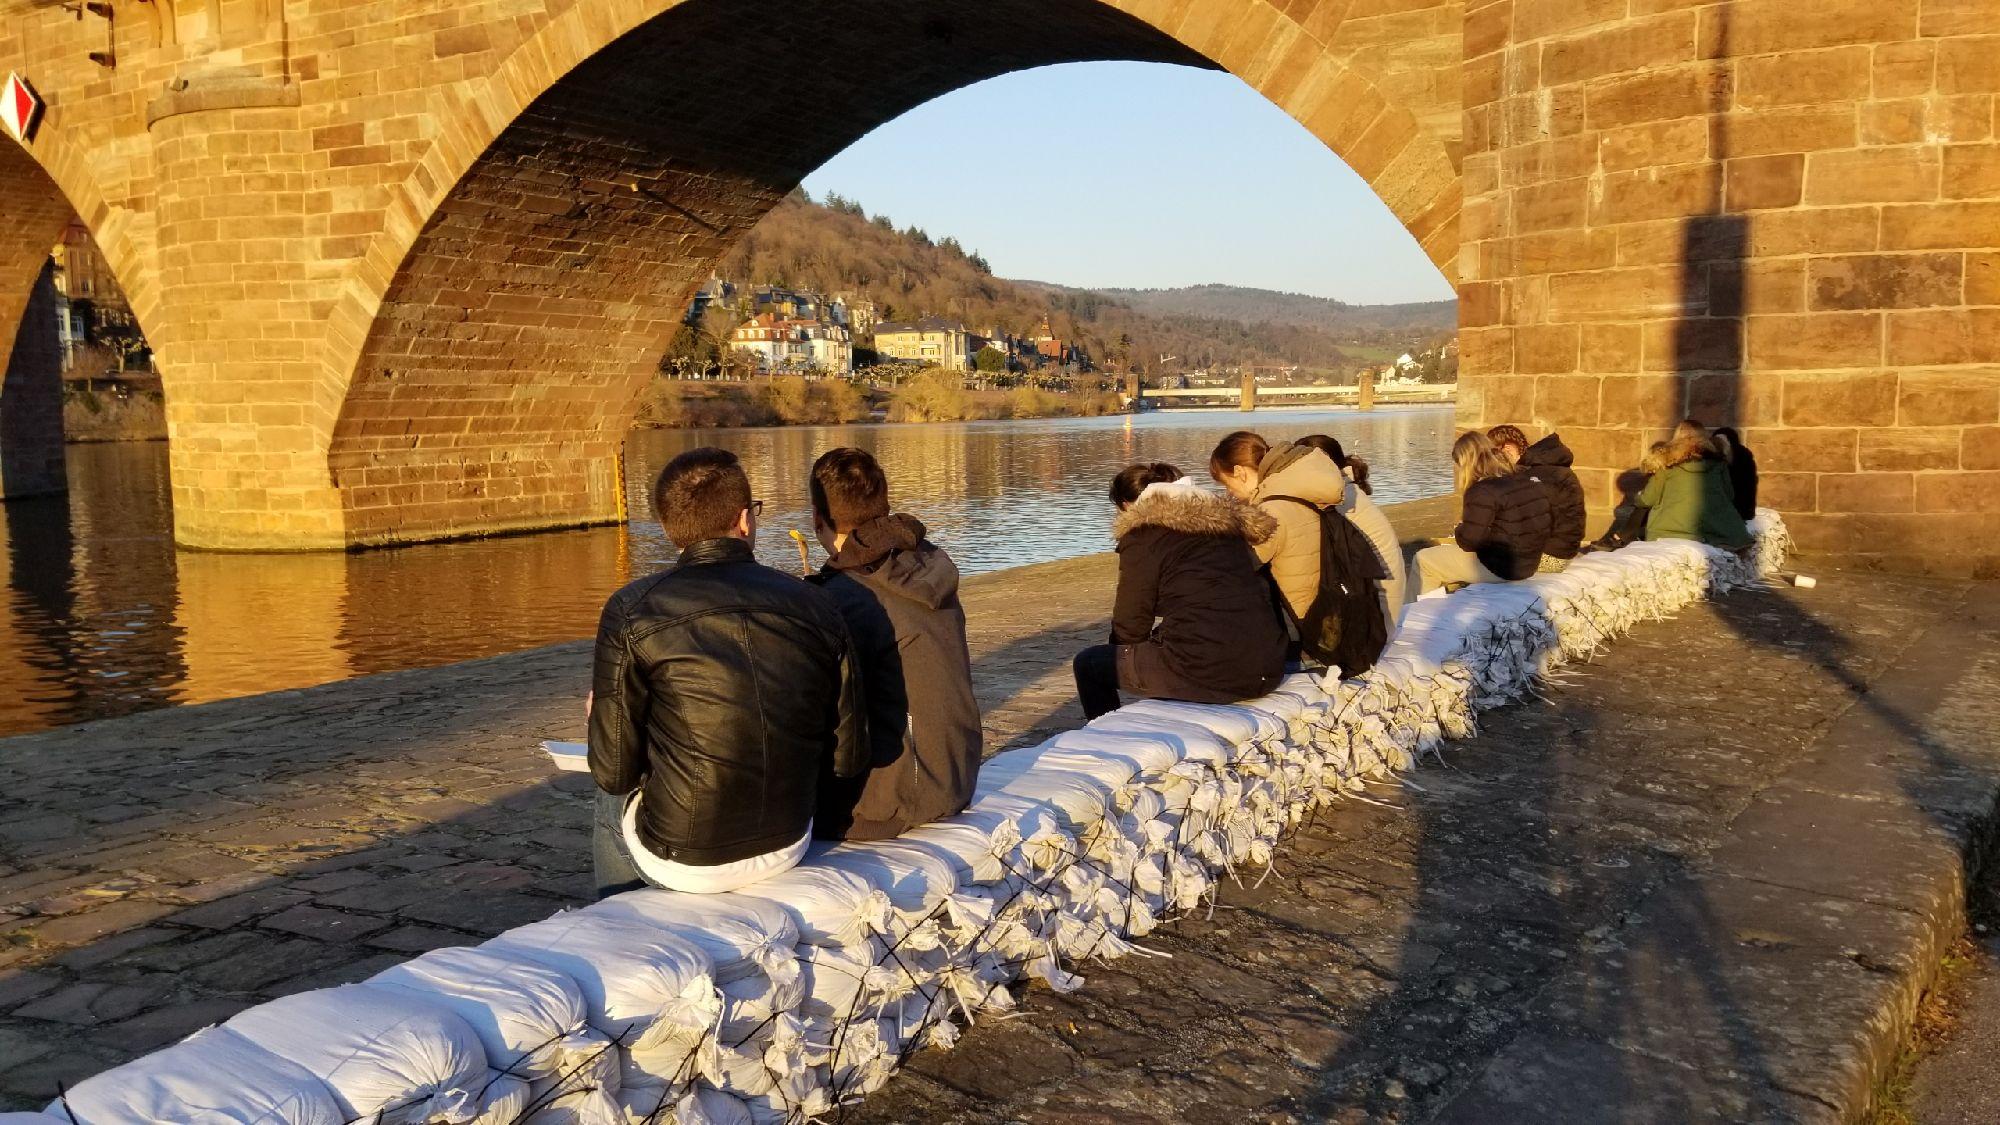 Следы недавнего наводнения. Думаю, эти мешки все же утонули, но на некоторое время позволили ездить по набережной.